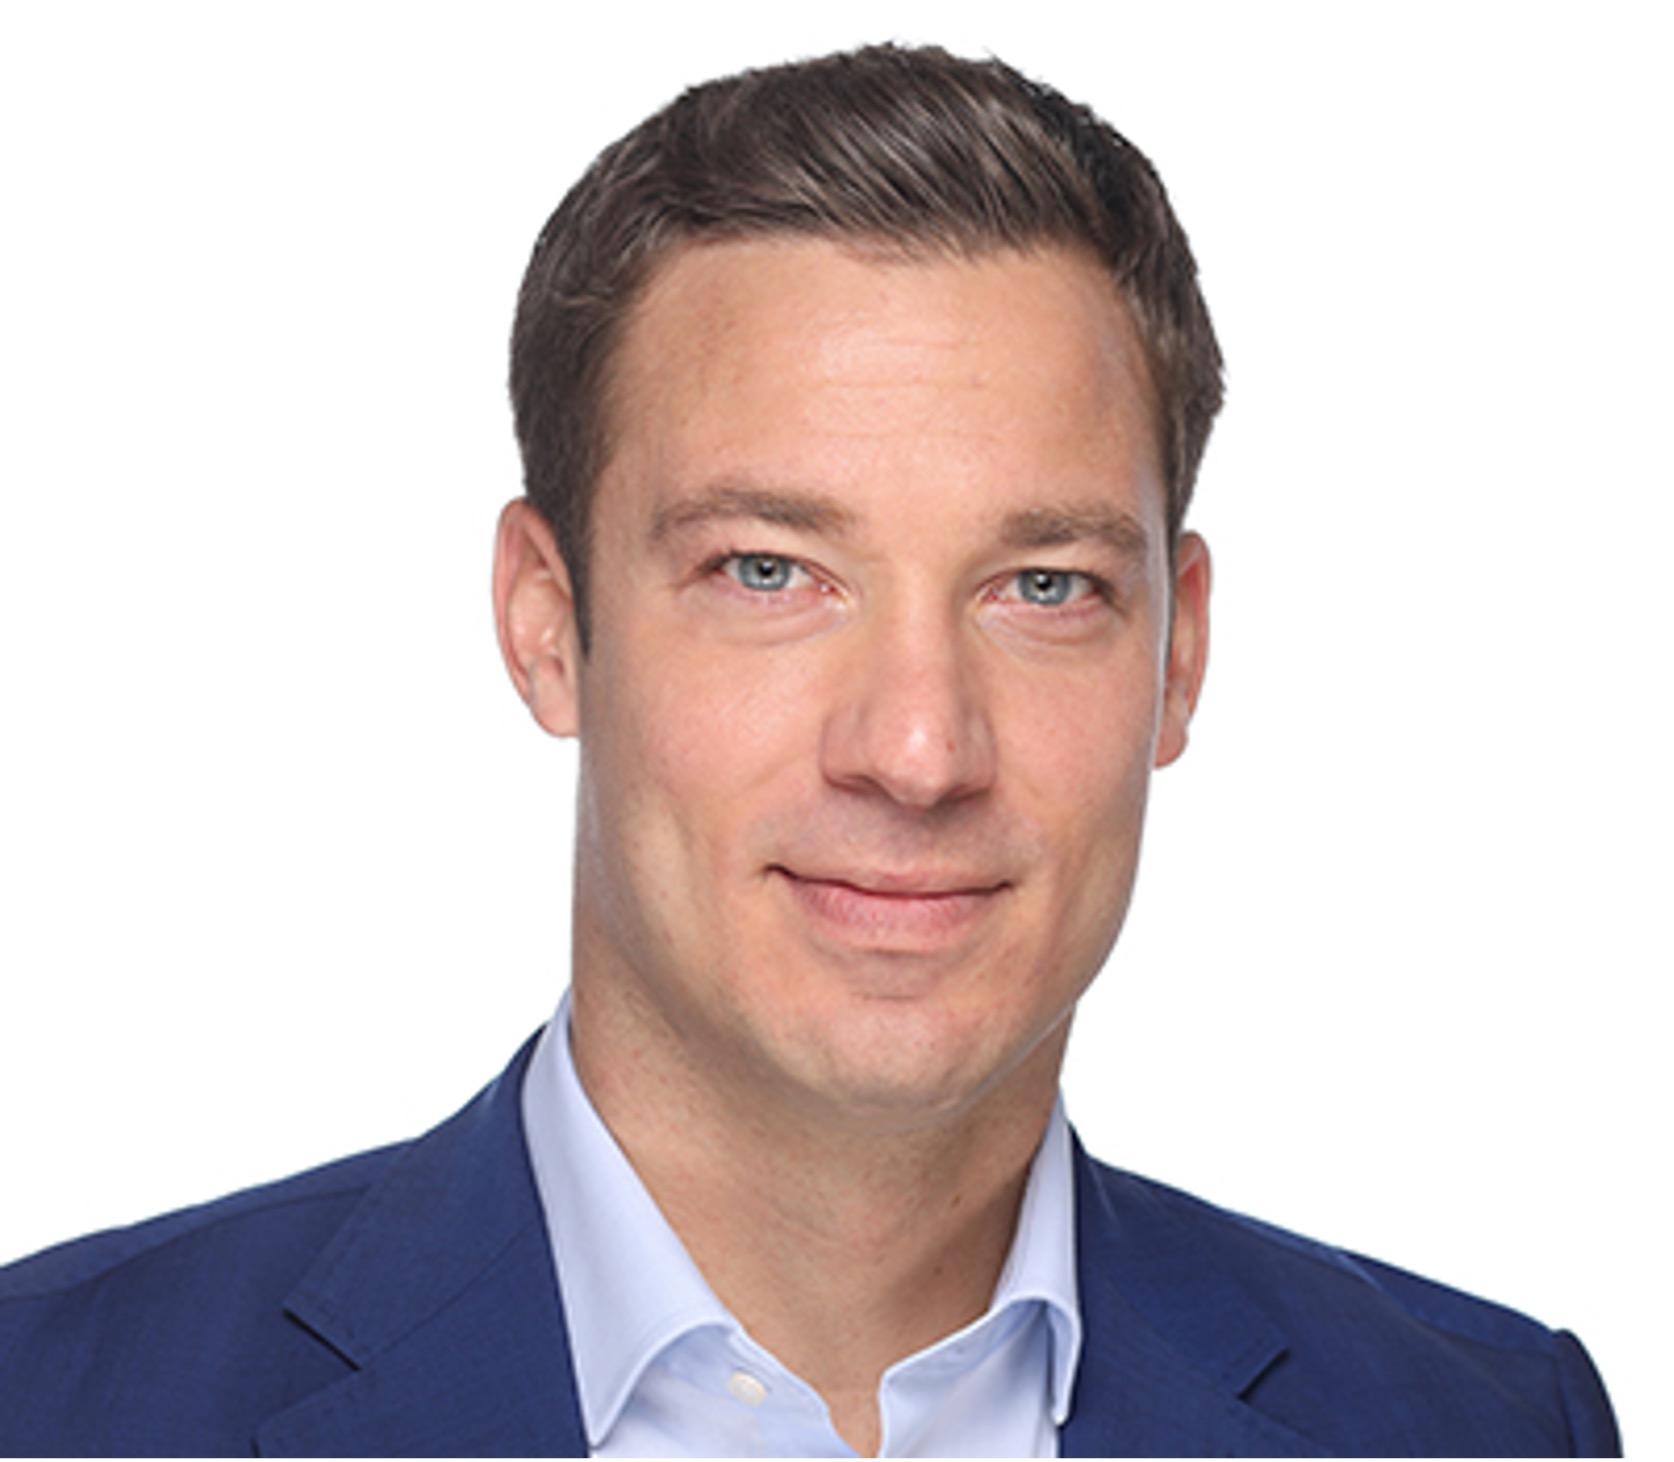 PD Dr. med. Dominik Nörenberg